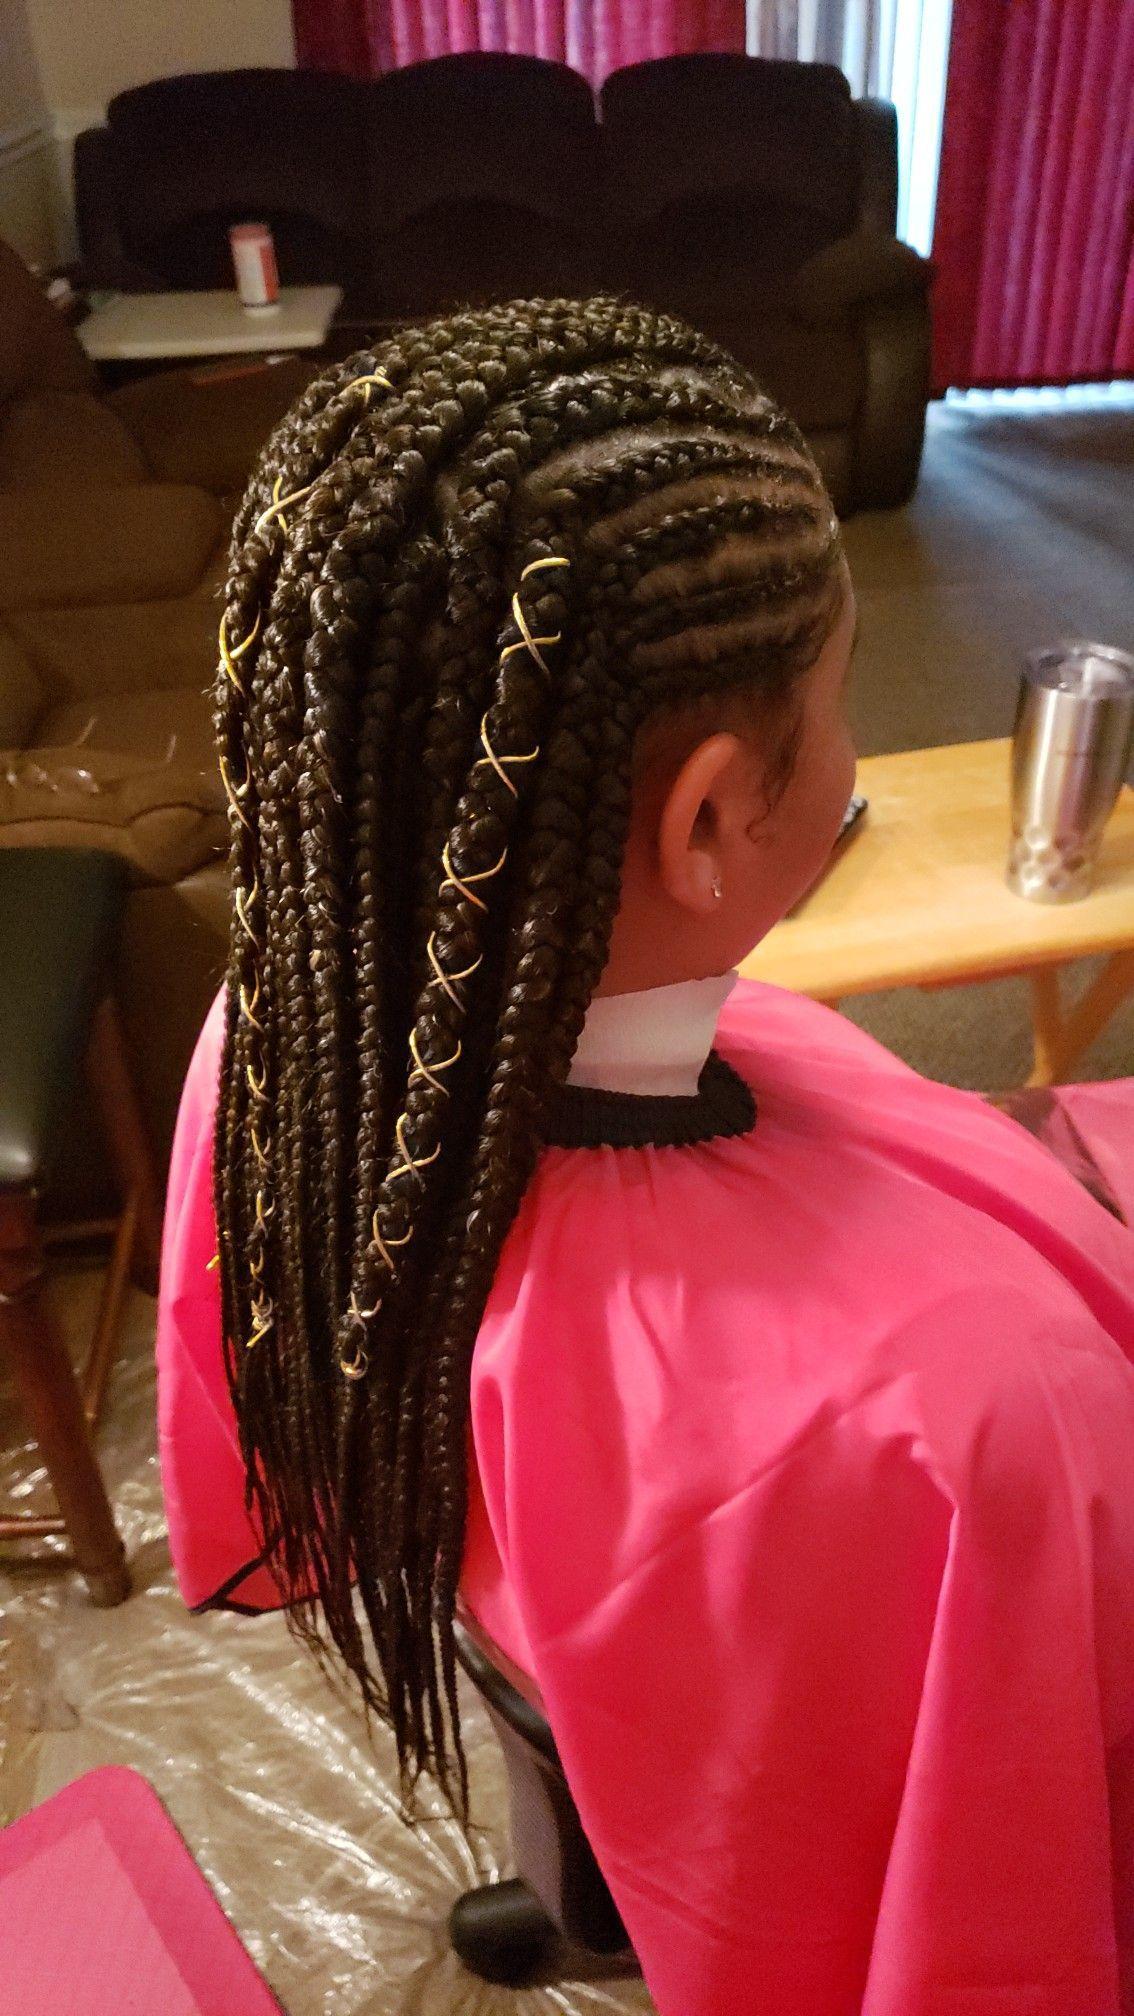 #halfuphalfdown #hairstyles #braidhair #hairstyle #gorgeous #partial #braids #bridal #braid #hair #updo #down #half #boho #up39 Gorgeous Half Up Half Down Hairstyles 39 Gorgeous Half Up Half Down Hairstyles , braid half up half down hairstyles , partial updo hairstyle ,bridal hair ,boho hairstyle39 Gorgeous Half Up Half Down Hairstyles , braid half up half down hairstyles , partial updo hairstyle ,bridal hair ,boho hairstyle #Braids half up half down highlights